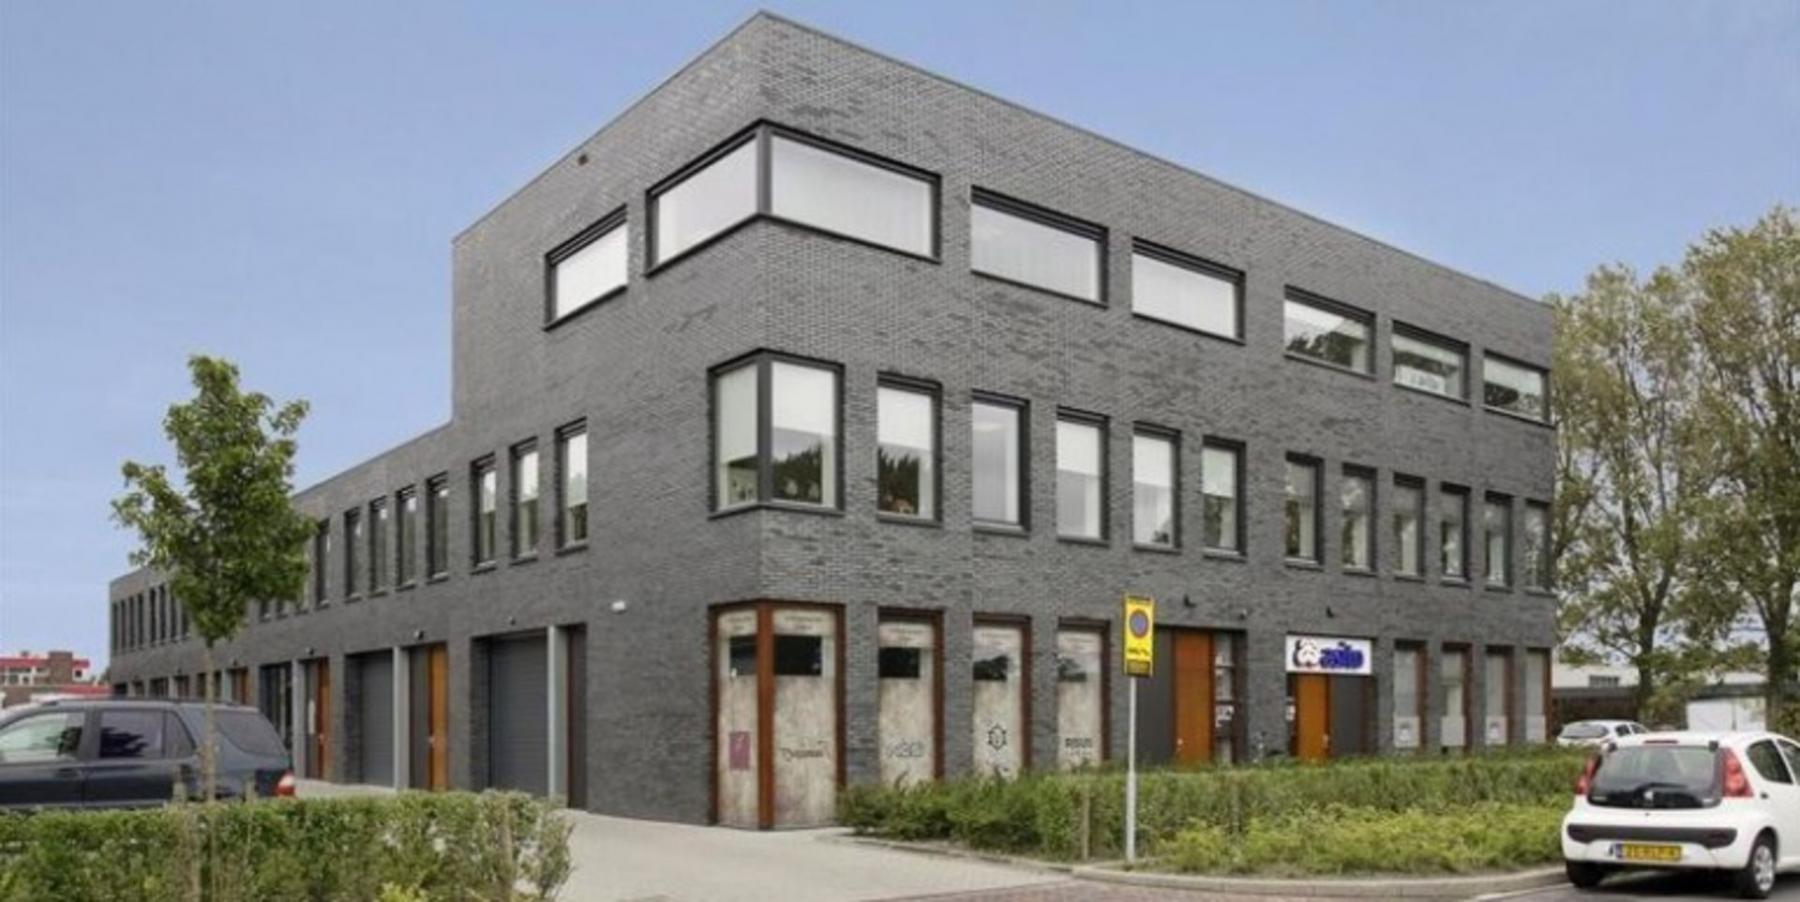 Einsteinstraat 14A - Alkmaar